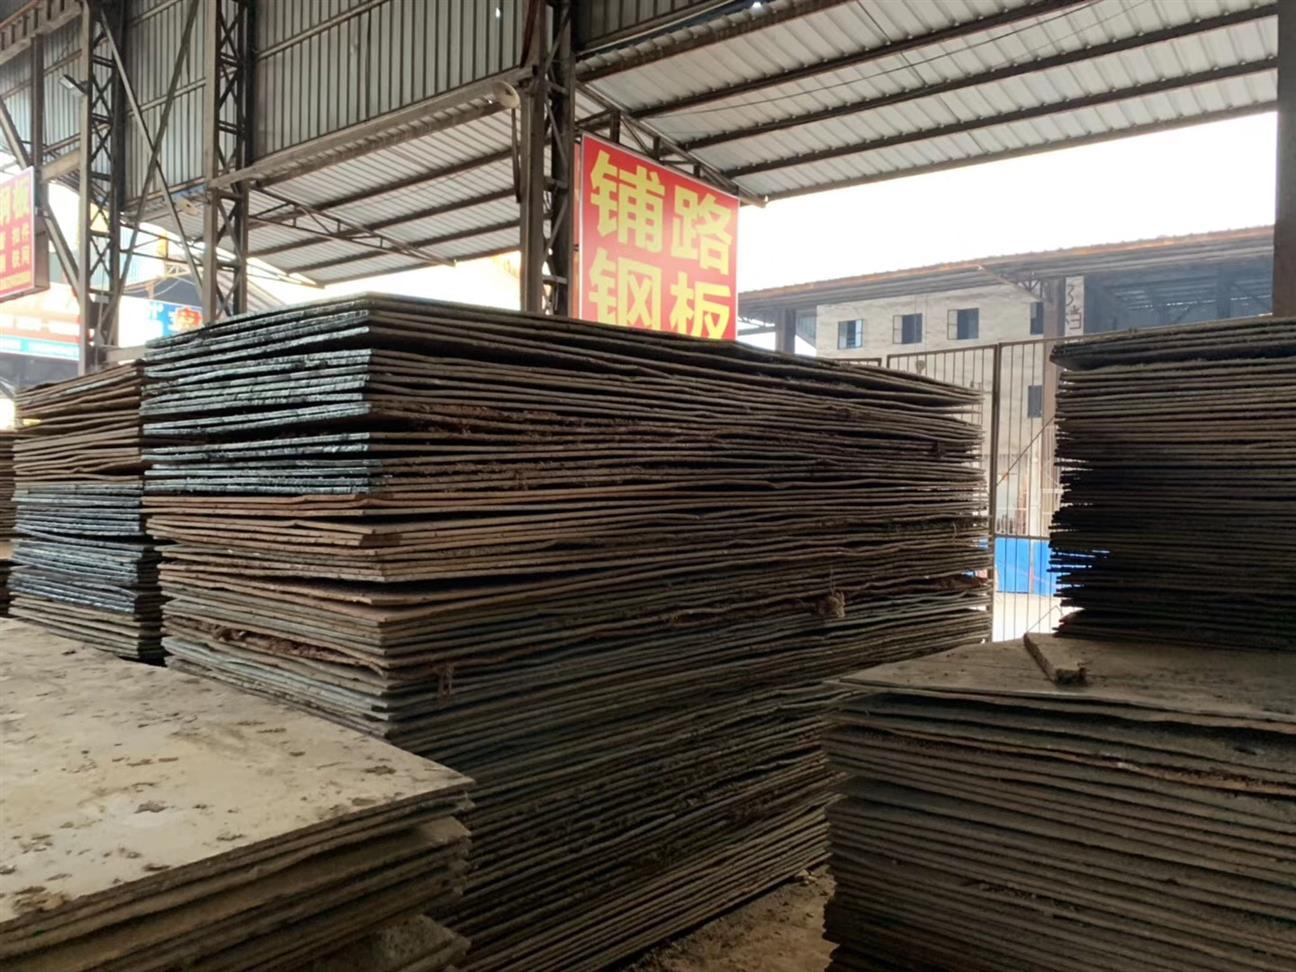 二手铺路钢板回收,铺路钢板出租价格